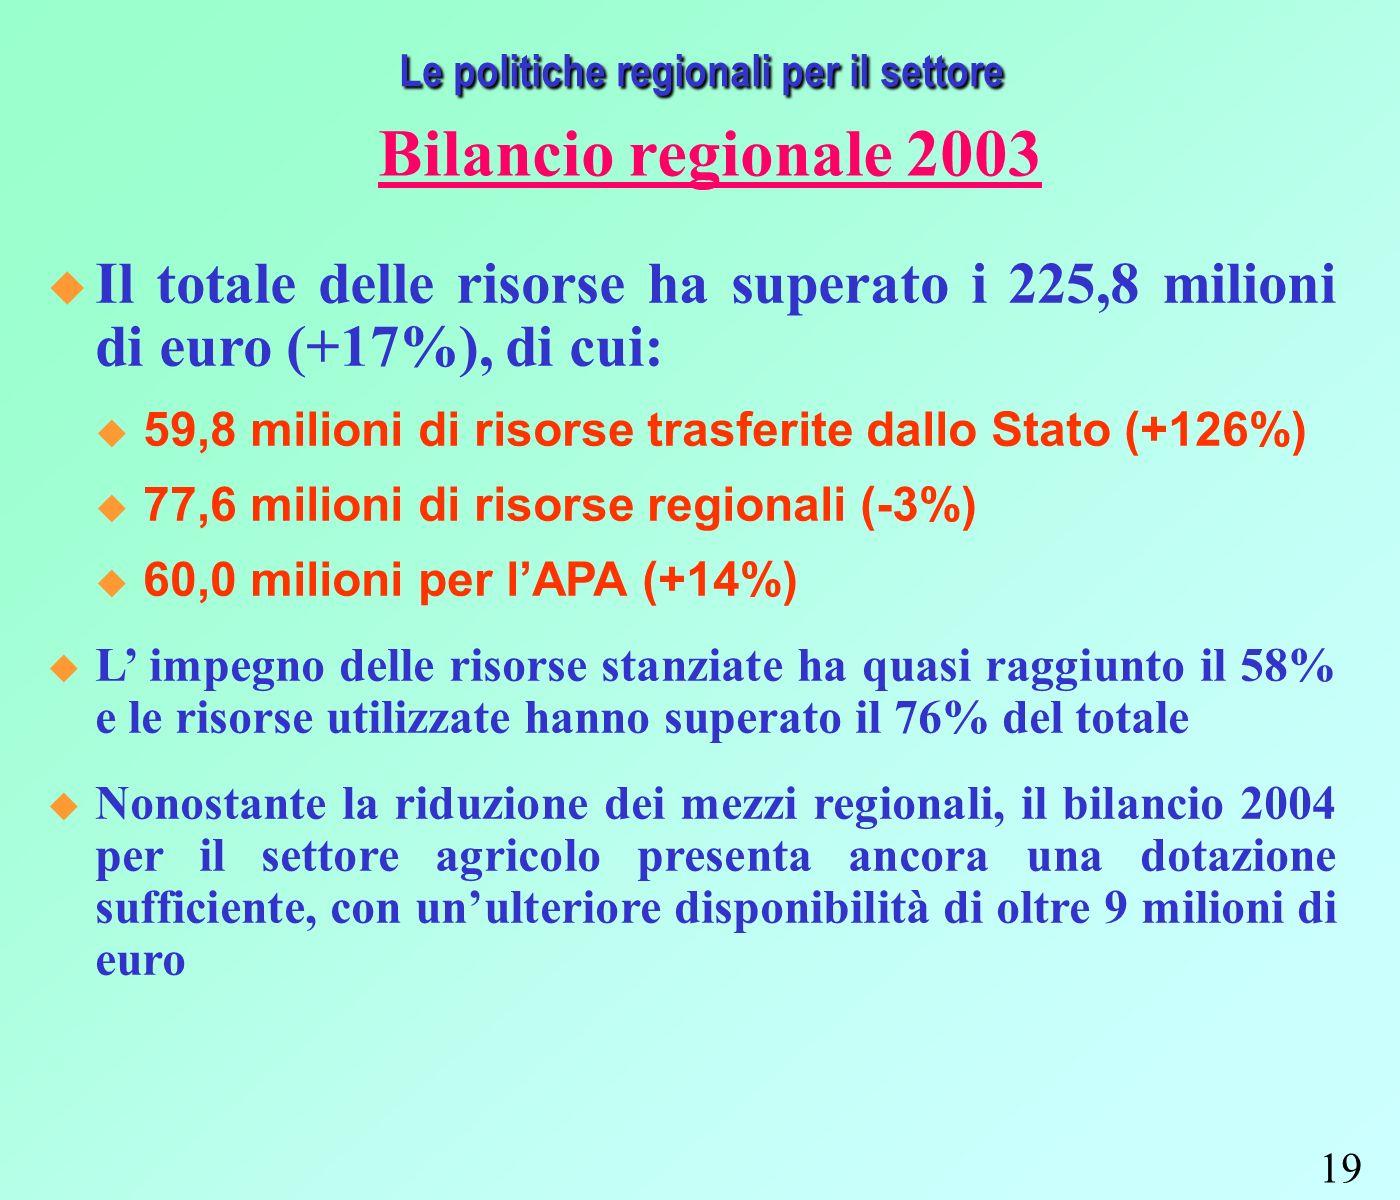 19 Le politiche regionali per il settore Bilancio regionale 2003 Il totale delle risorse ha superato i 225,8 milioni di euro (+17%), di cui: 59,8 milioni di risorse trasferite dallo Stato (+126%) 77,6 milioni di risorse regionali (-3%) 60,0 milioni per lAPA (+14%) L impegno delle risorse stanziate ha quasi raggiunto il 58% e le risorse utilizzate hanno superato il 76% del totale Nonostante la riduzione dei mezzi regionali, il bilancio 2004 per il settore agricolo presenta ancora una dotazione sufficiente, con unulteriore disponibilità di oltre 9 milioni di euro